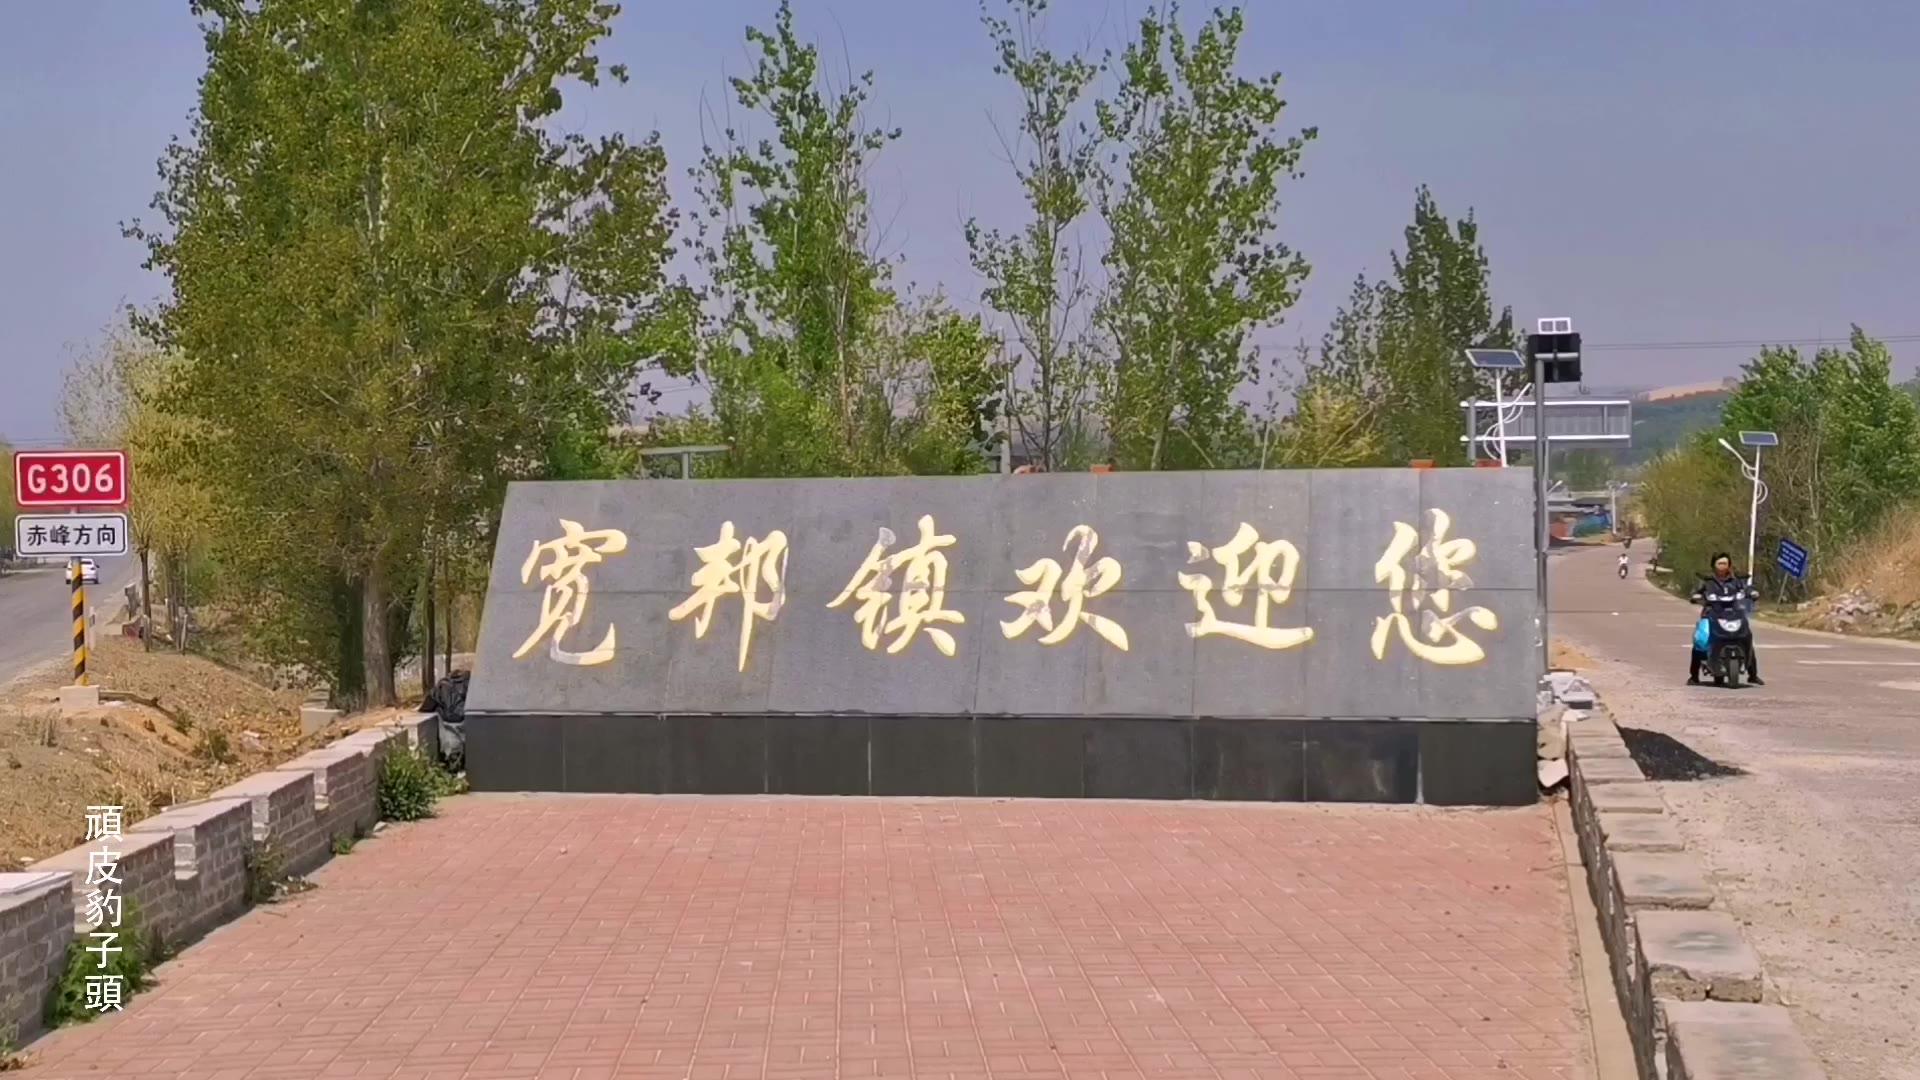 【顽皮豹子头记录三农】乡镇系列之辽宁省绥中县宽邦镇